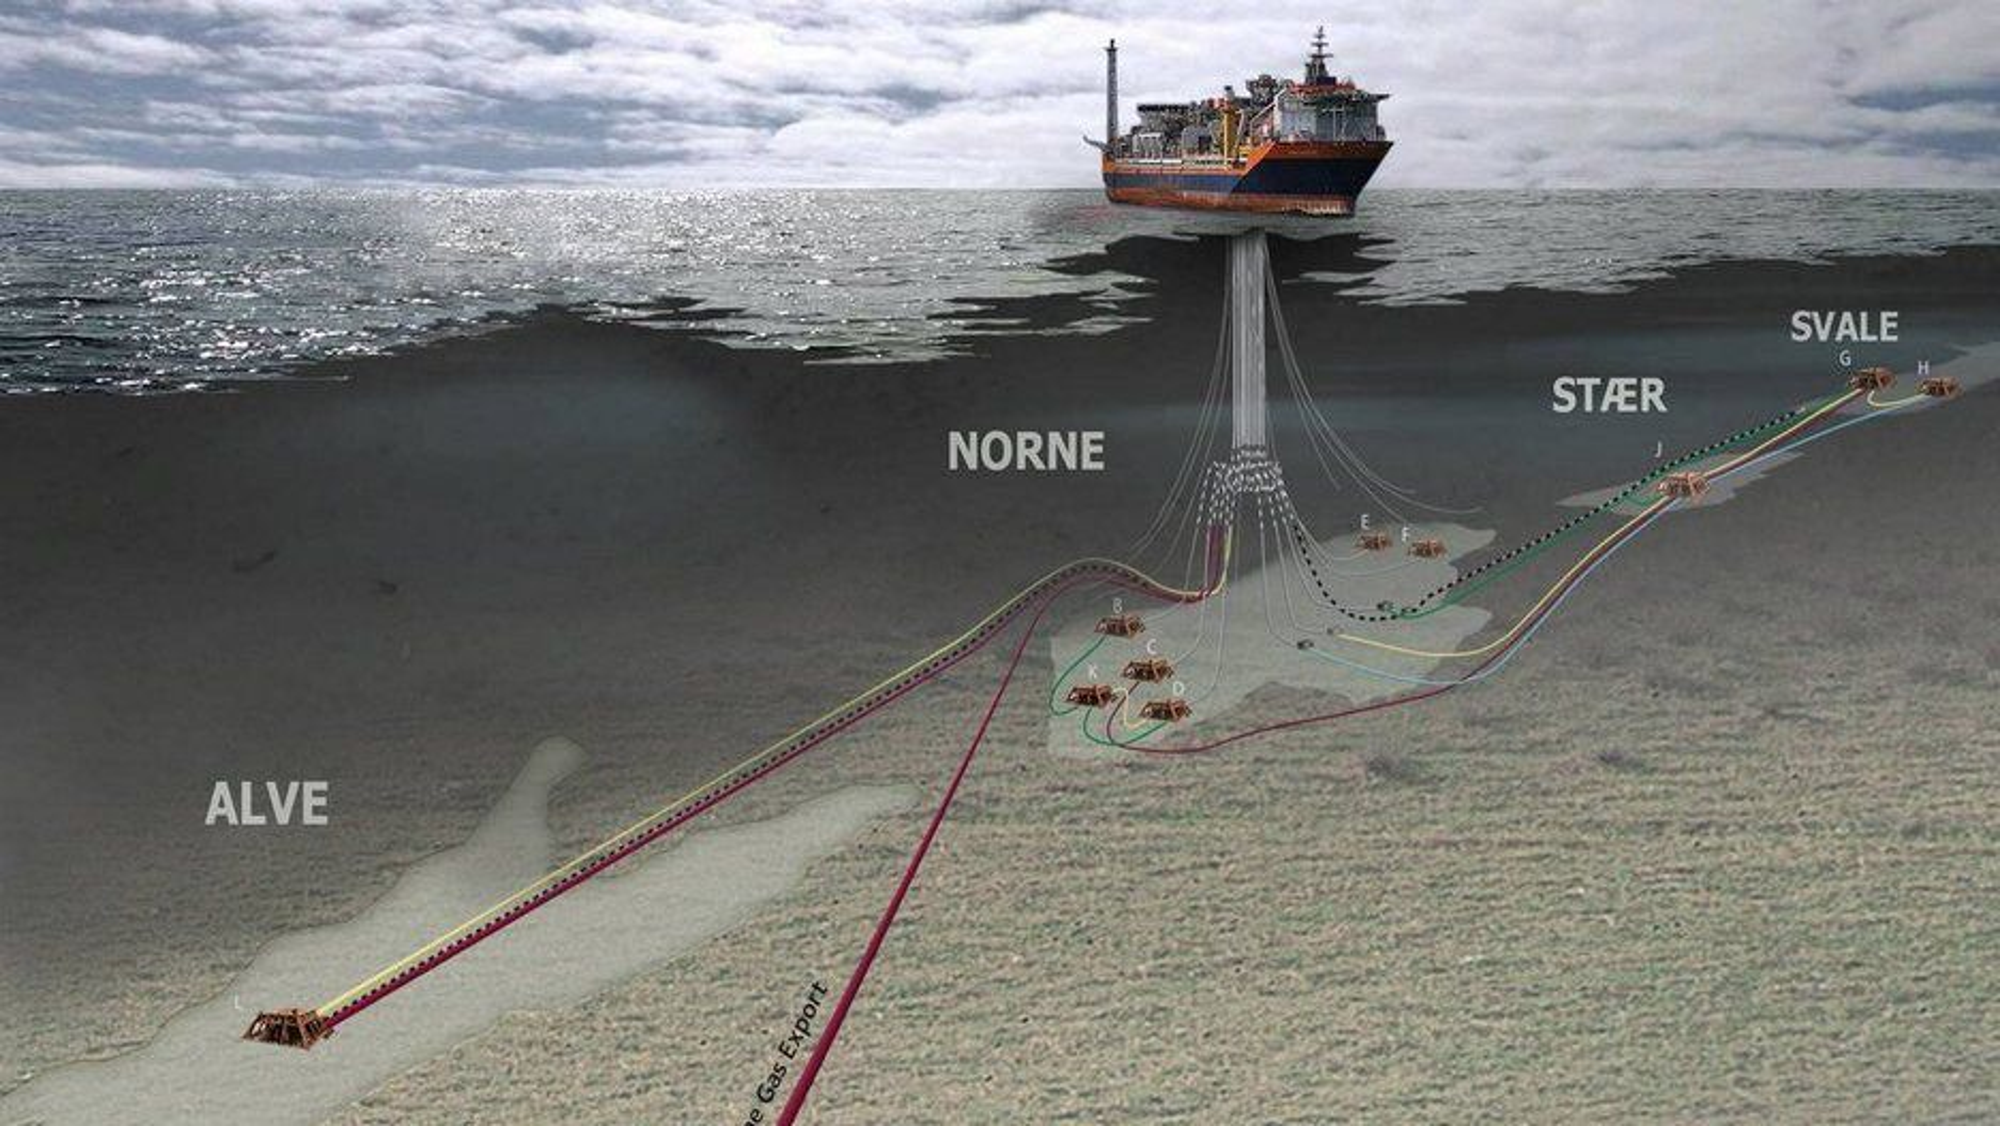 Cape Vulture-funnet som i dag ble bekreftet av Statoil og Oljedirektoratet ligger like i nærheten av Norne-feltet (bildet).